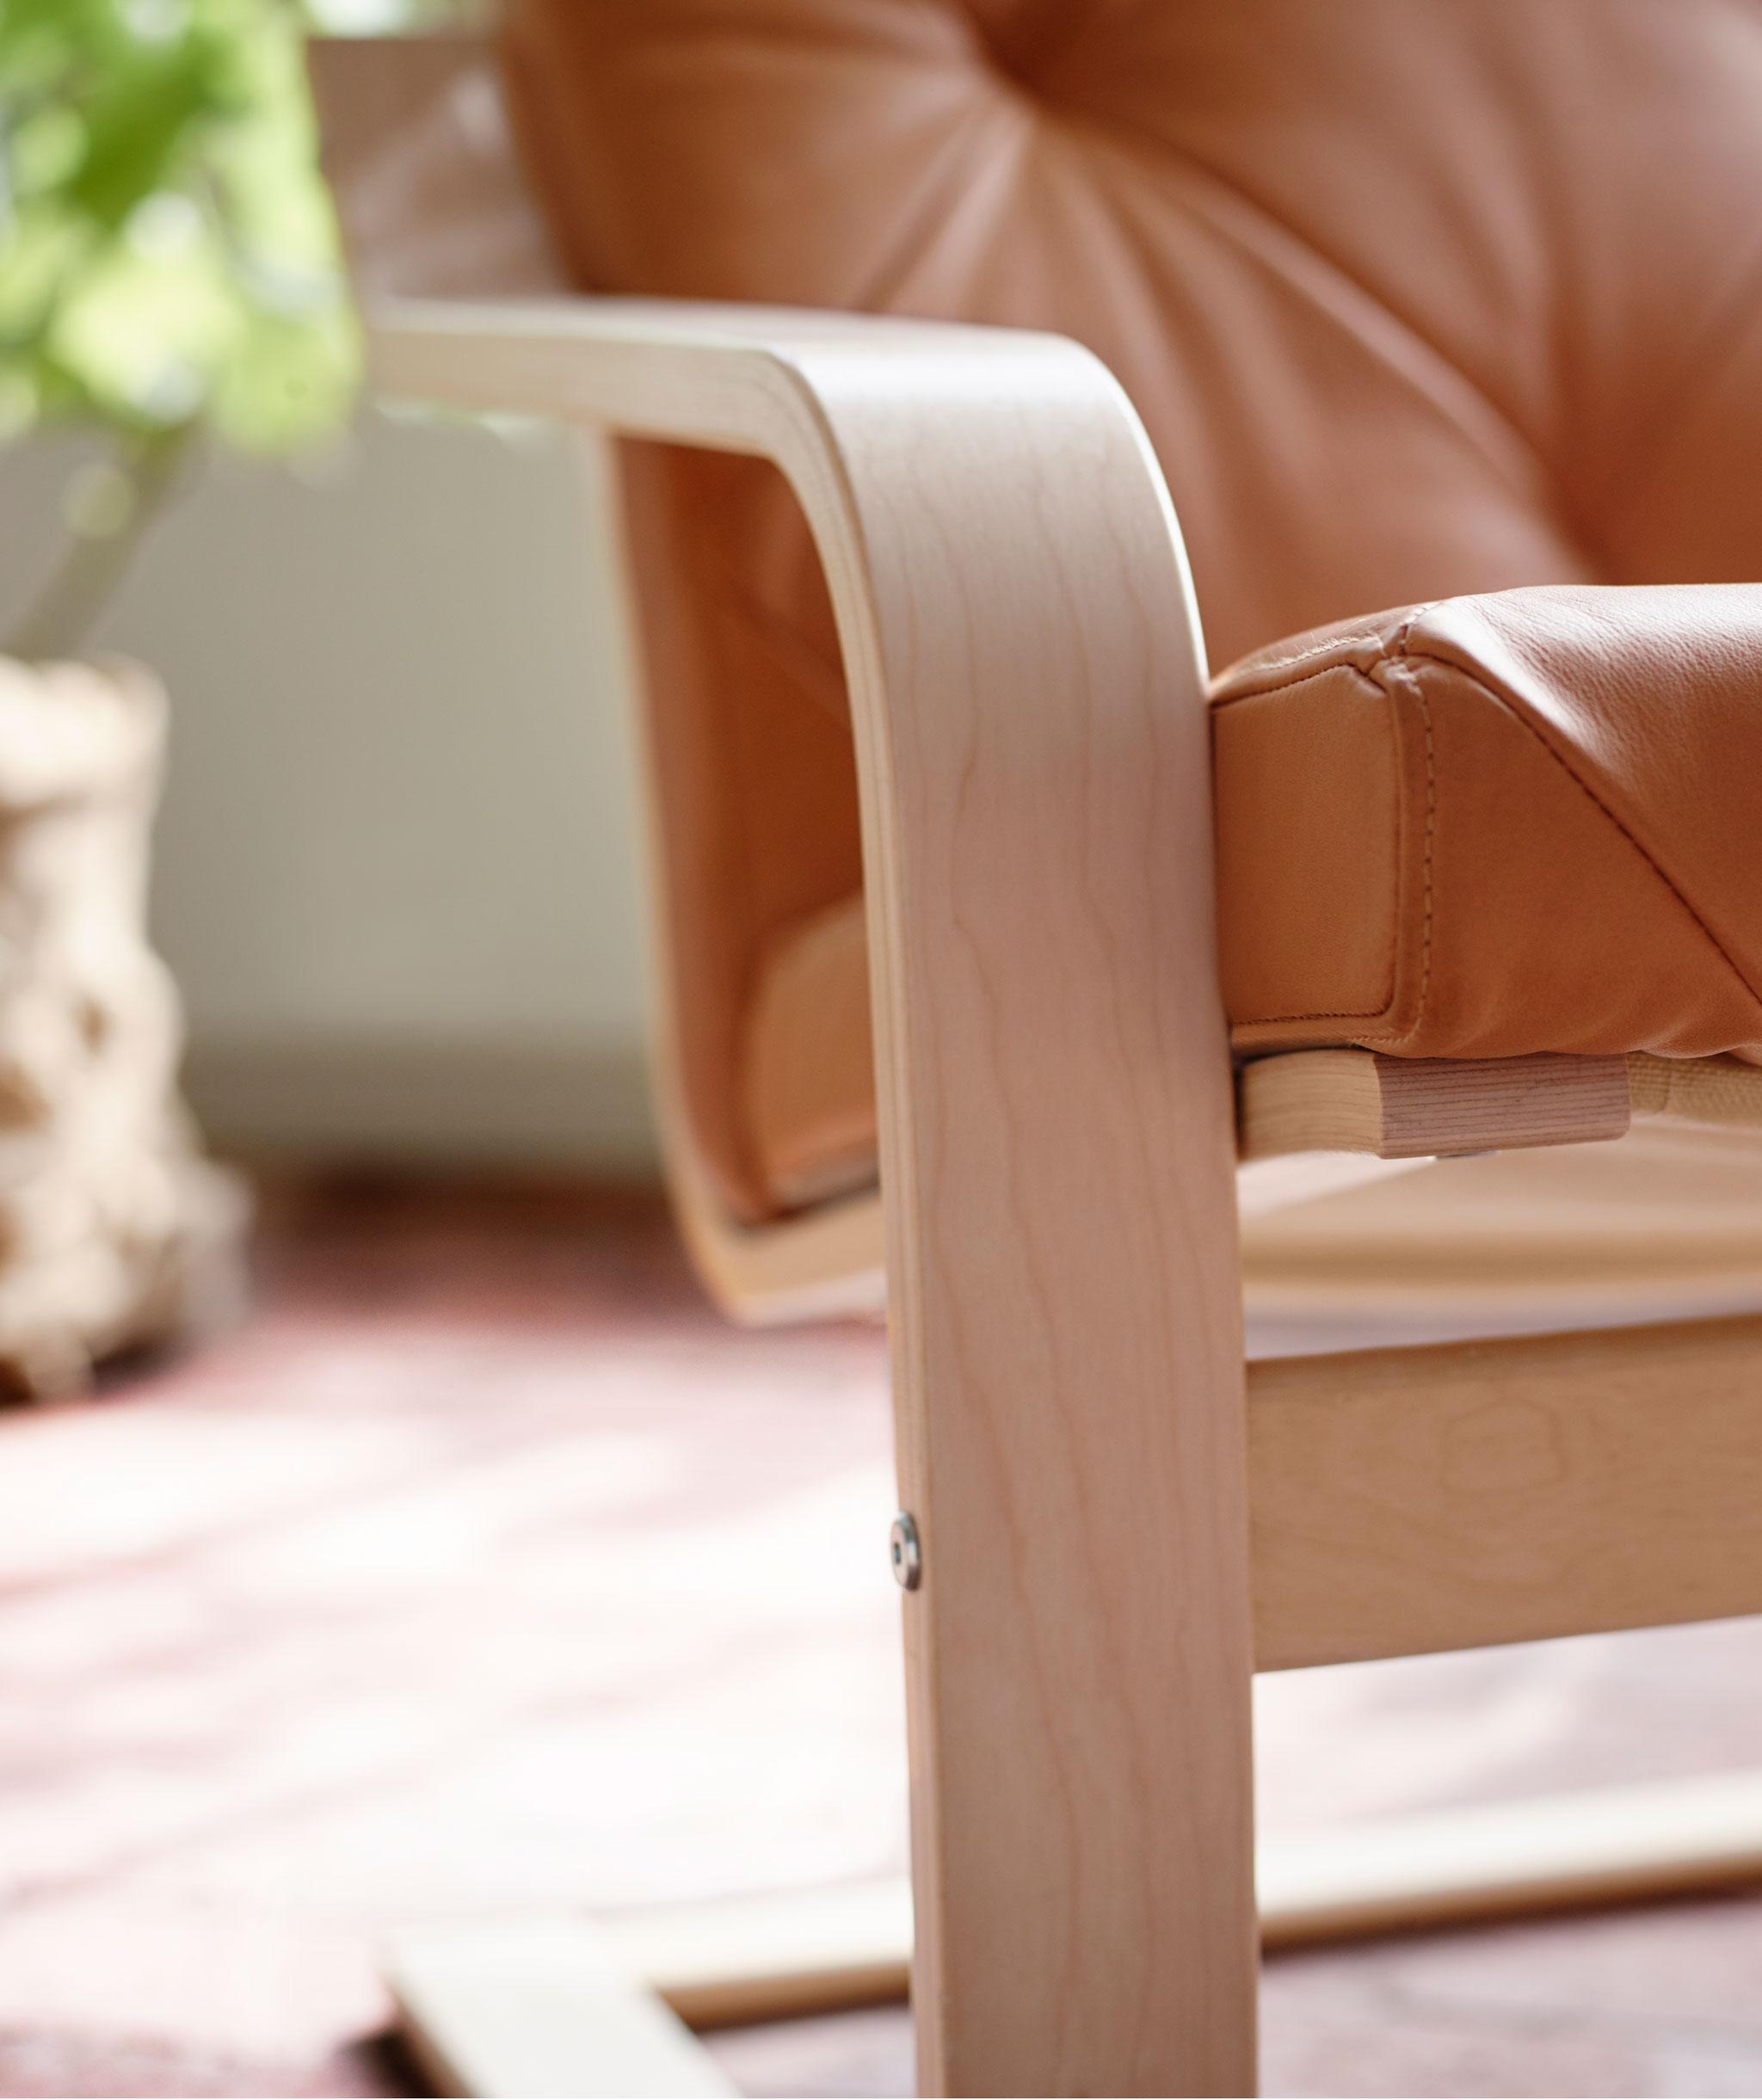 Sandaran tangan plywood dan detail rangka serta dudukan dari kursi berlengan, ditempatkan di ruang yang diterangi matahari; tanaman berada di belakang.